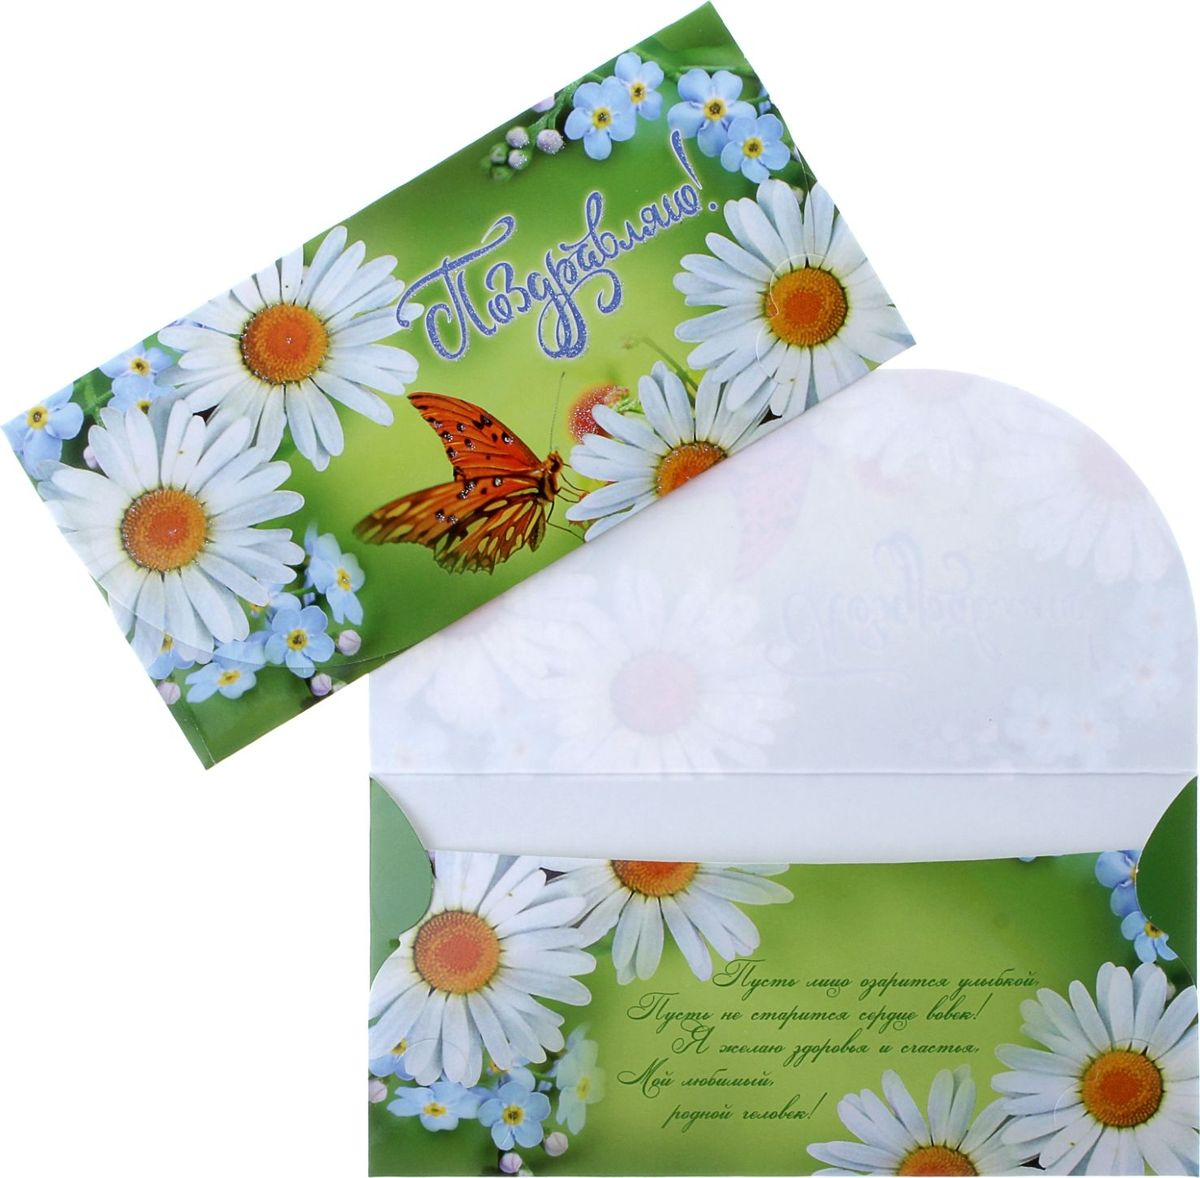 Конверт для денег Фокскард Поздравляю. Ромашки, бабочка, 17 х 8 см515813Всем известно, что хороший подарок - это полезный подарок. А деньги уж точно не будут пылиться в дальнем углу шкафа. Их можно преподнести на любое торжество. Подберите для своего подарка оригинальный конверт и скорее дарите близким радость!Изделие изготовлено из плотного картона, поэтому вы можете не беспокоиться за целостность его содержимого.